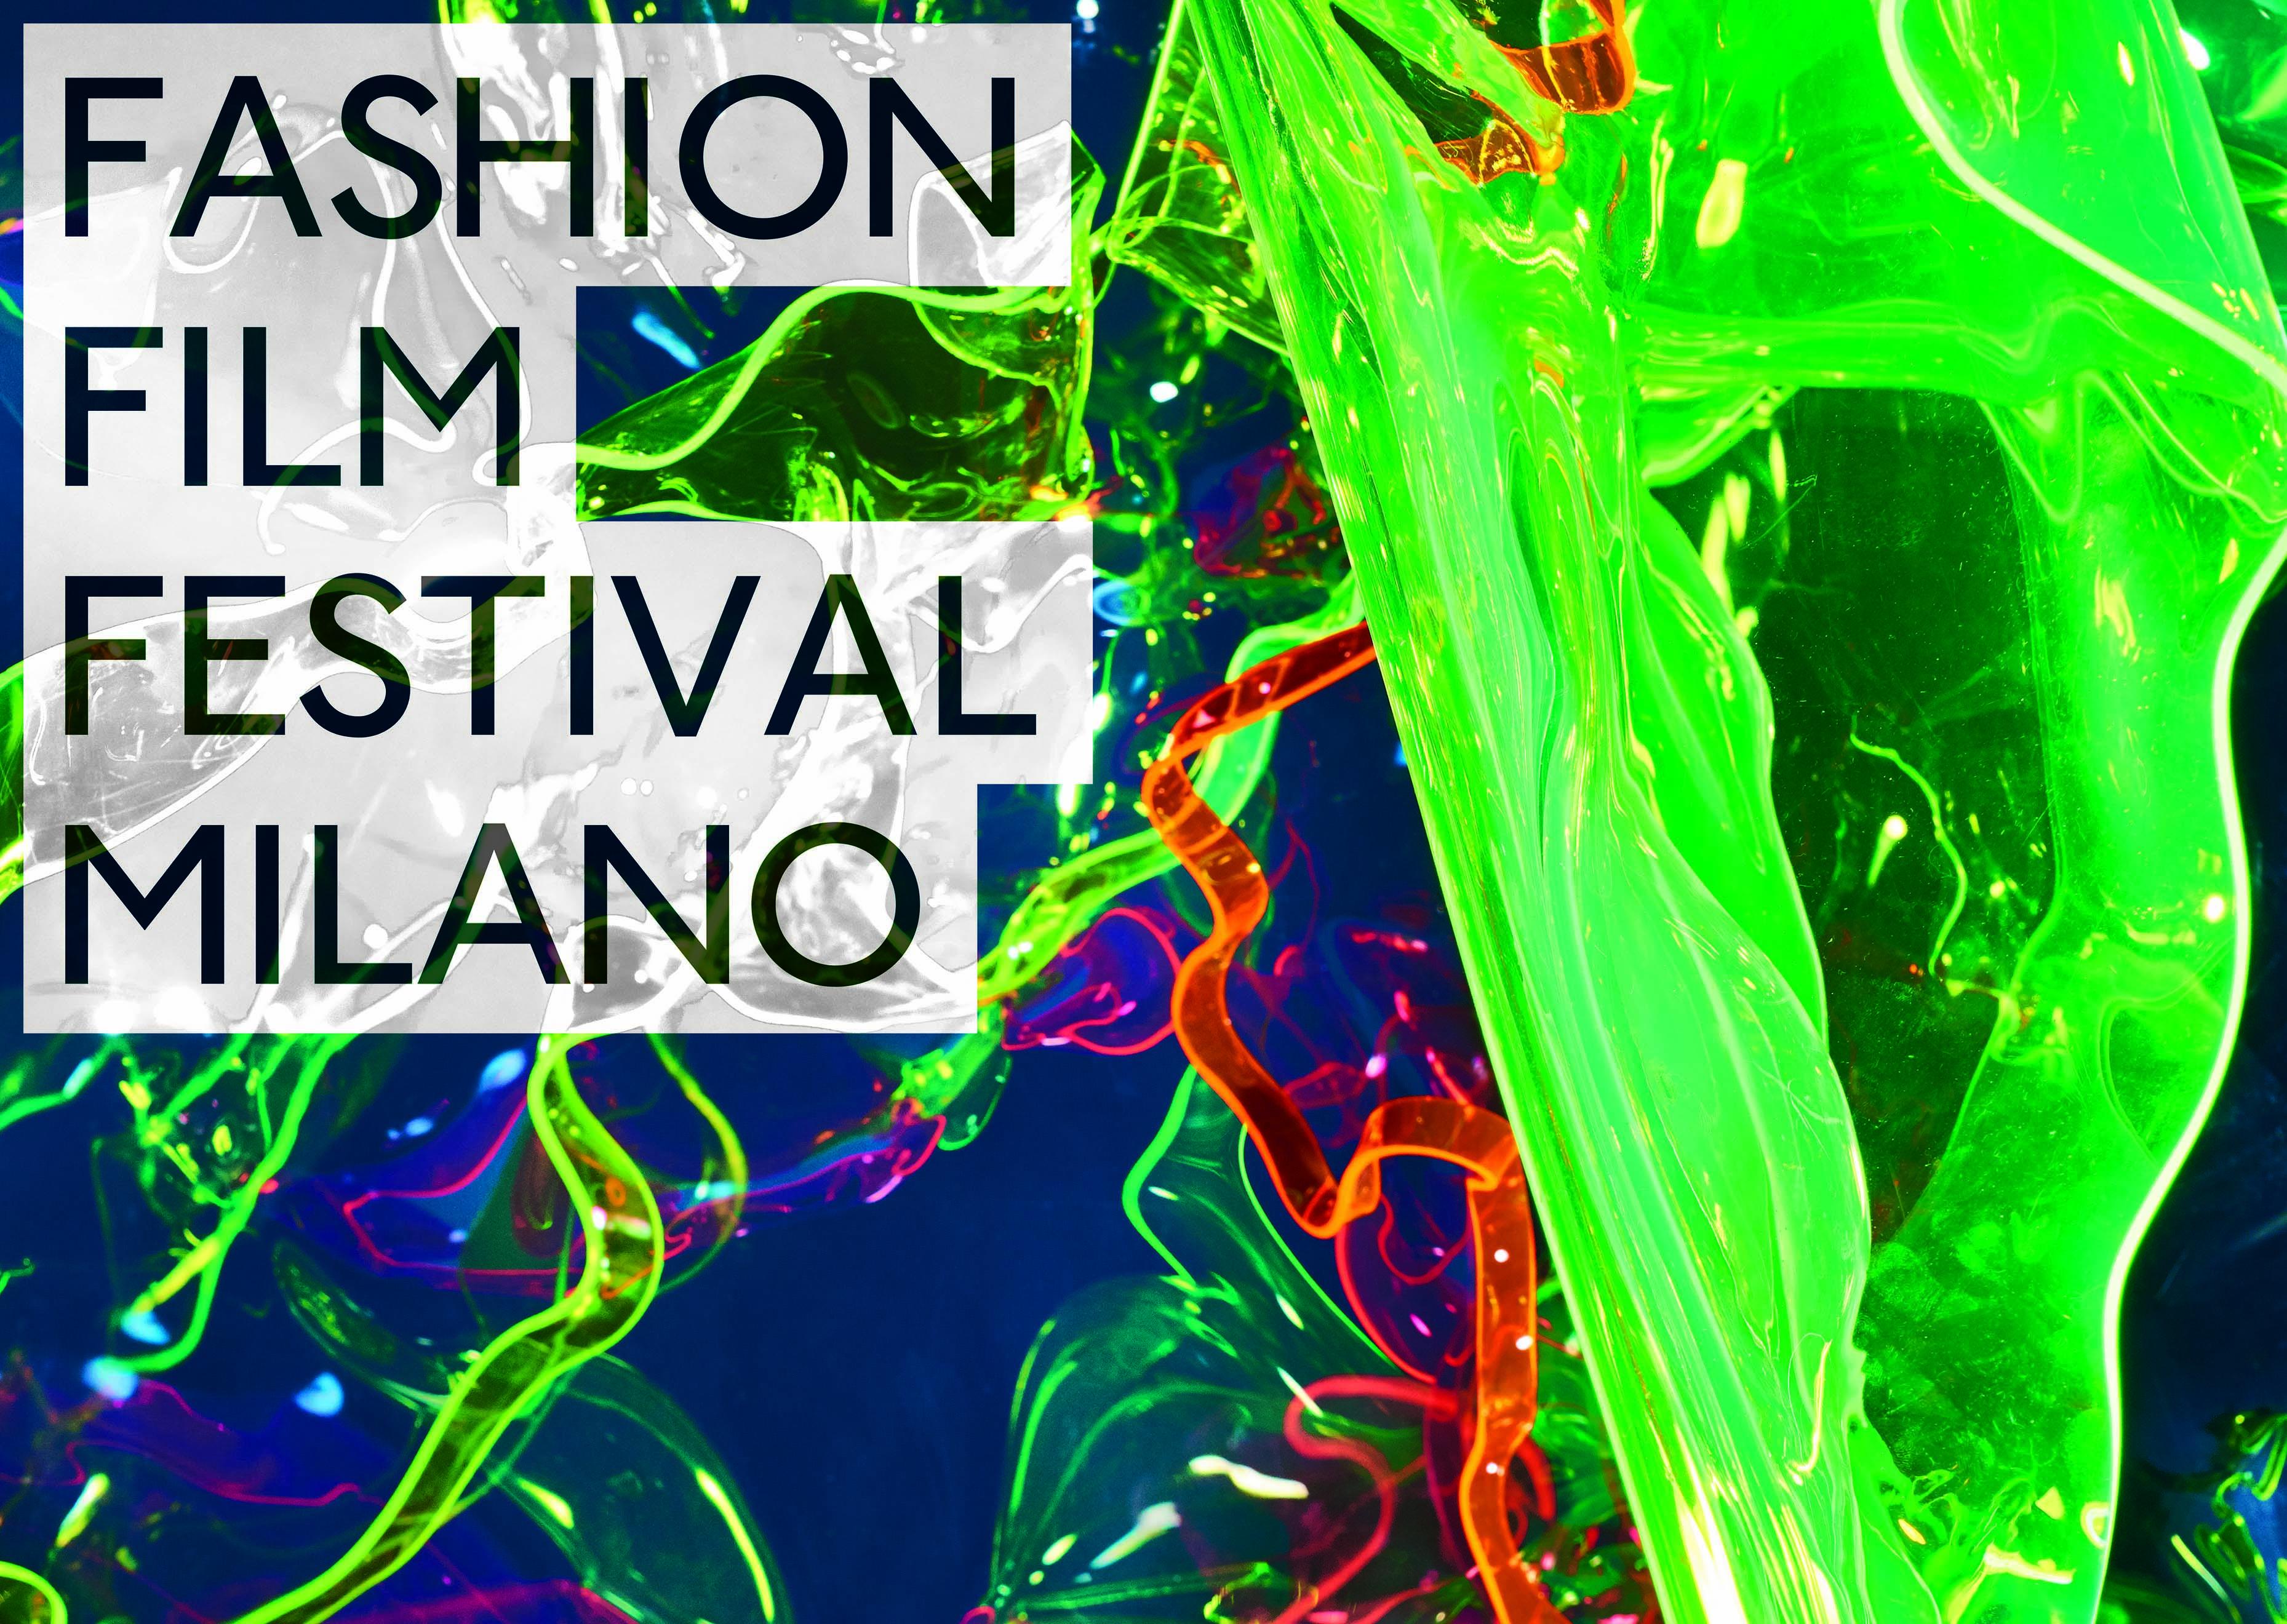 Fashion Film Festival Milano 2018